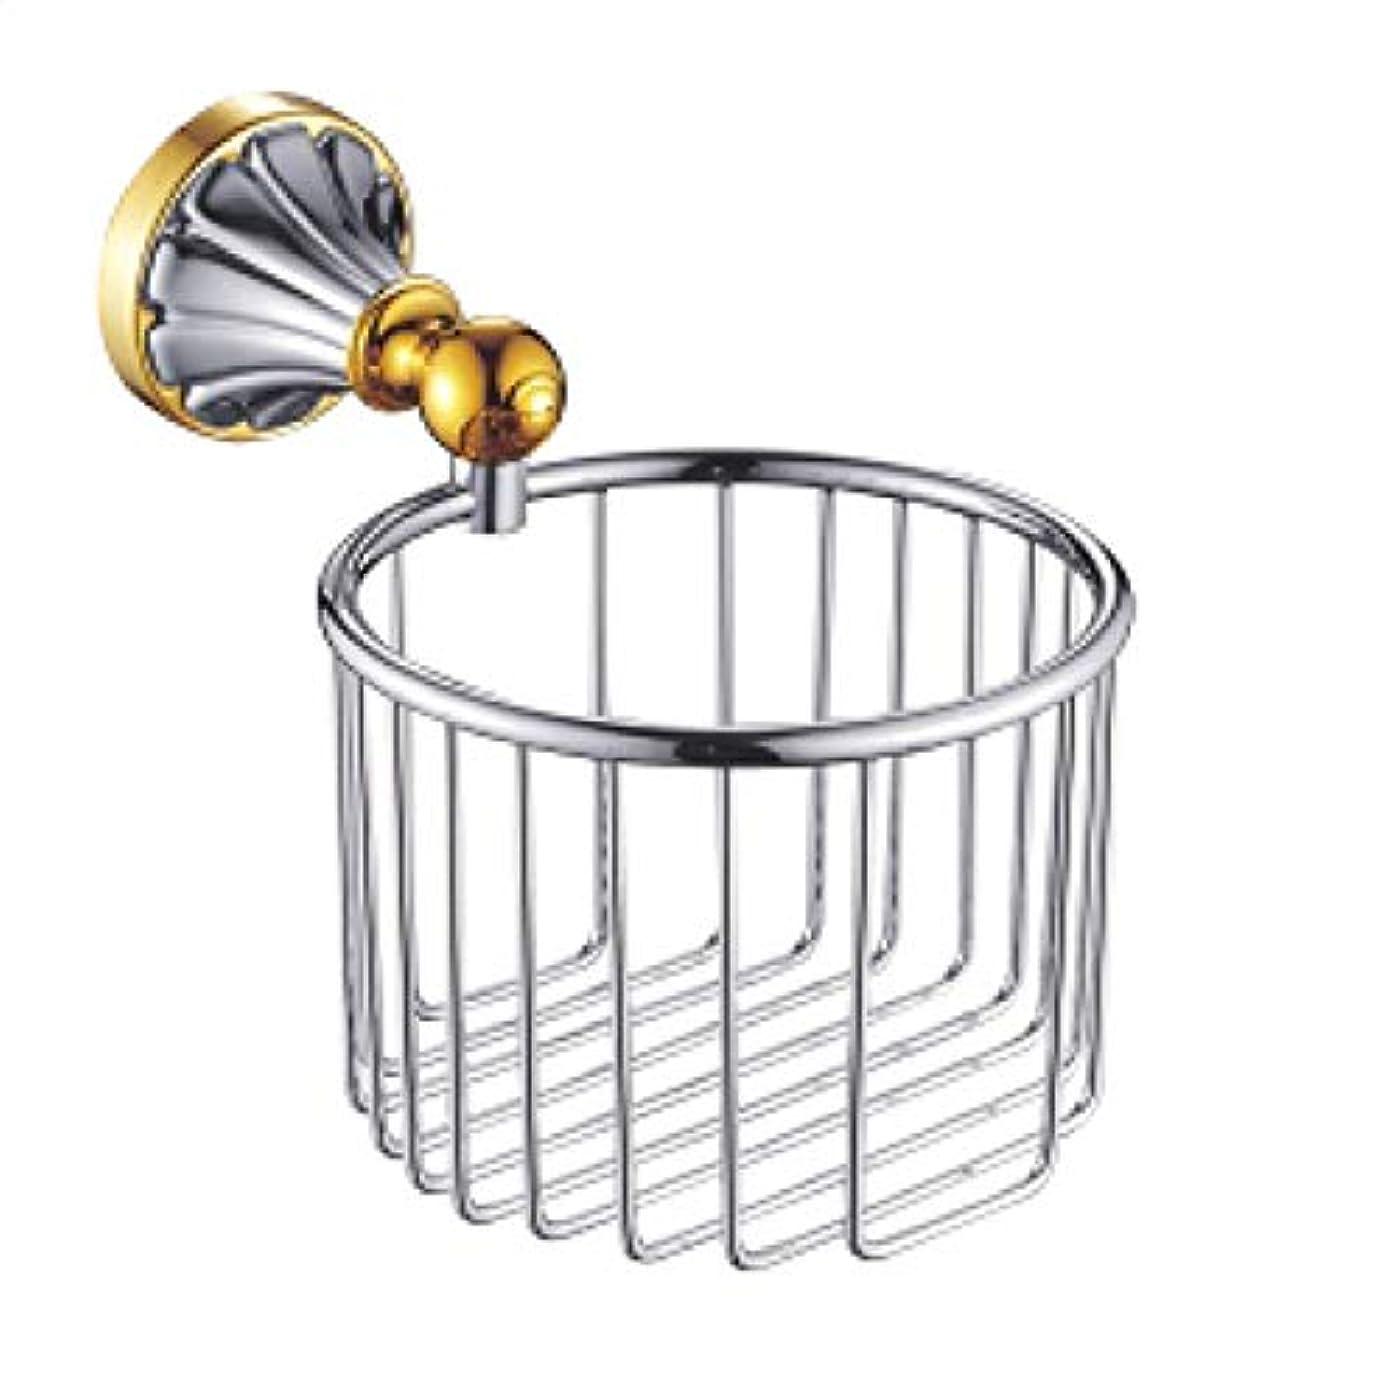 文言文芸熱心ZZLX 紙タオルホルダー、ヨーロッパスタイルのアンティークゴールド白バスルームトイレットペーパータオル棚 ロングハンドル風呂ブラシ (色 : Gold+chrome)